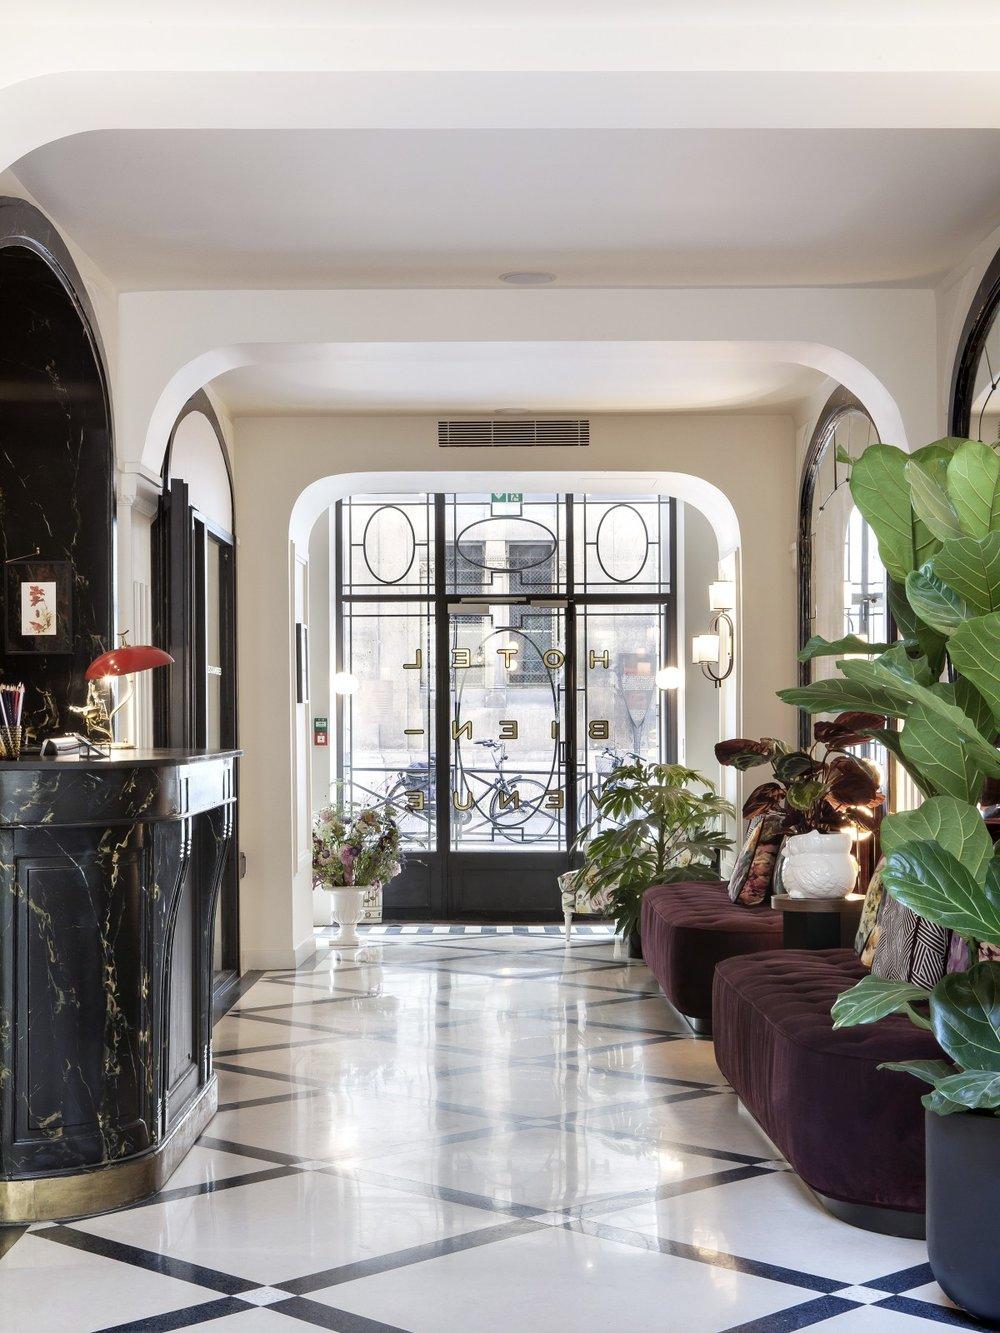 hotel-bienvenue-paris-1.jpg